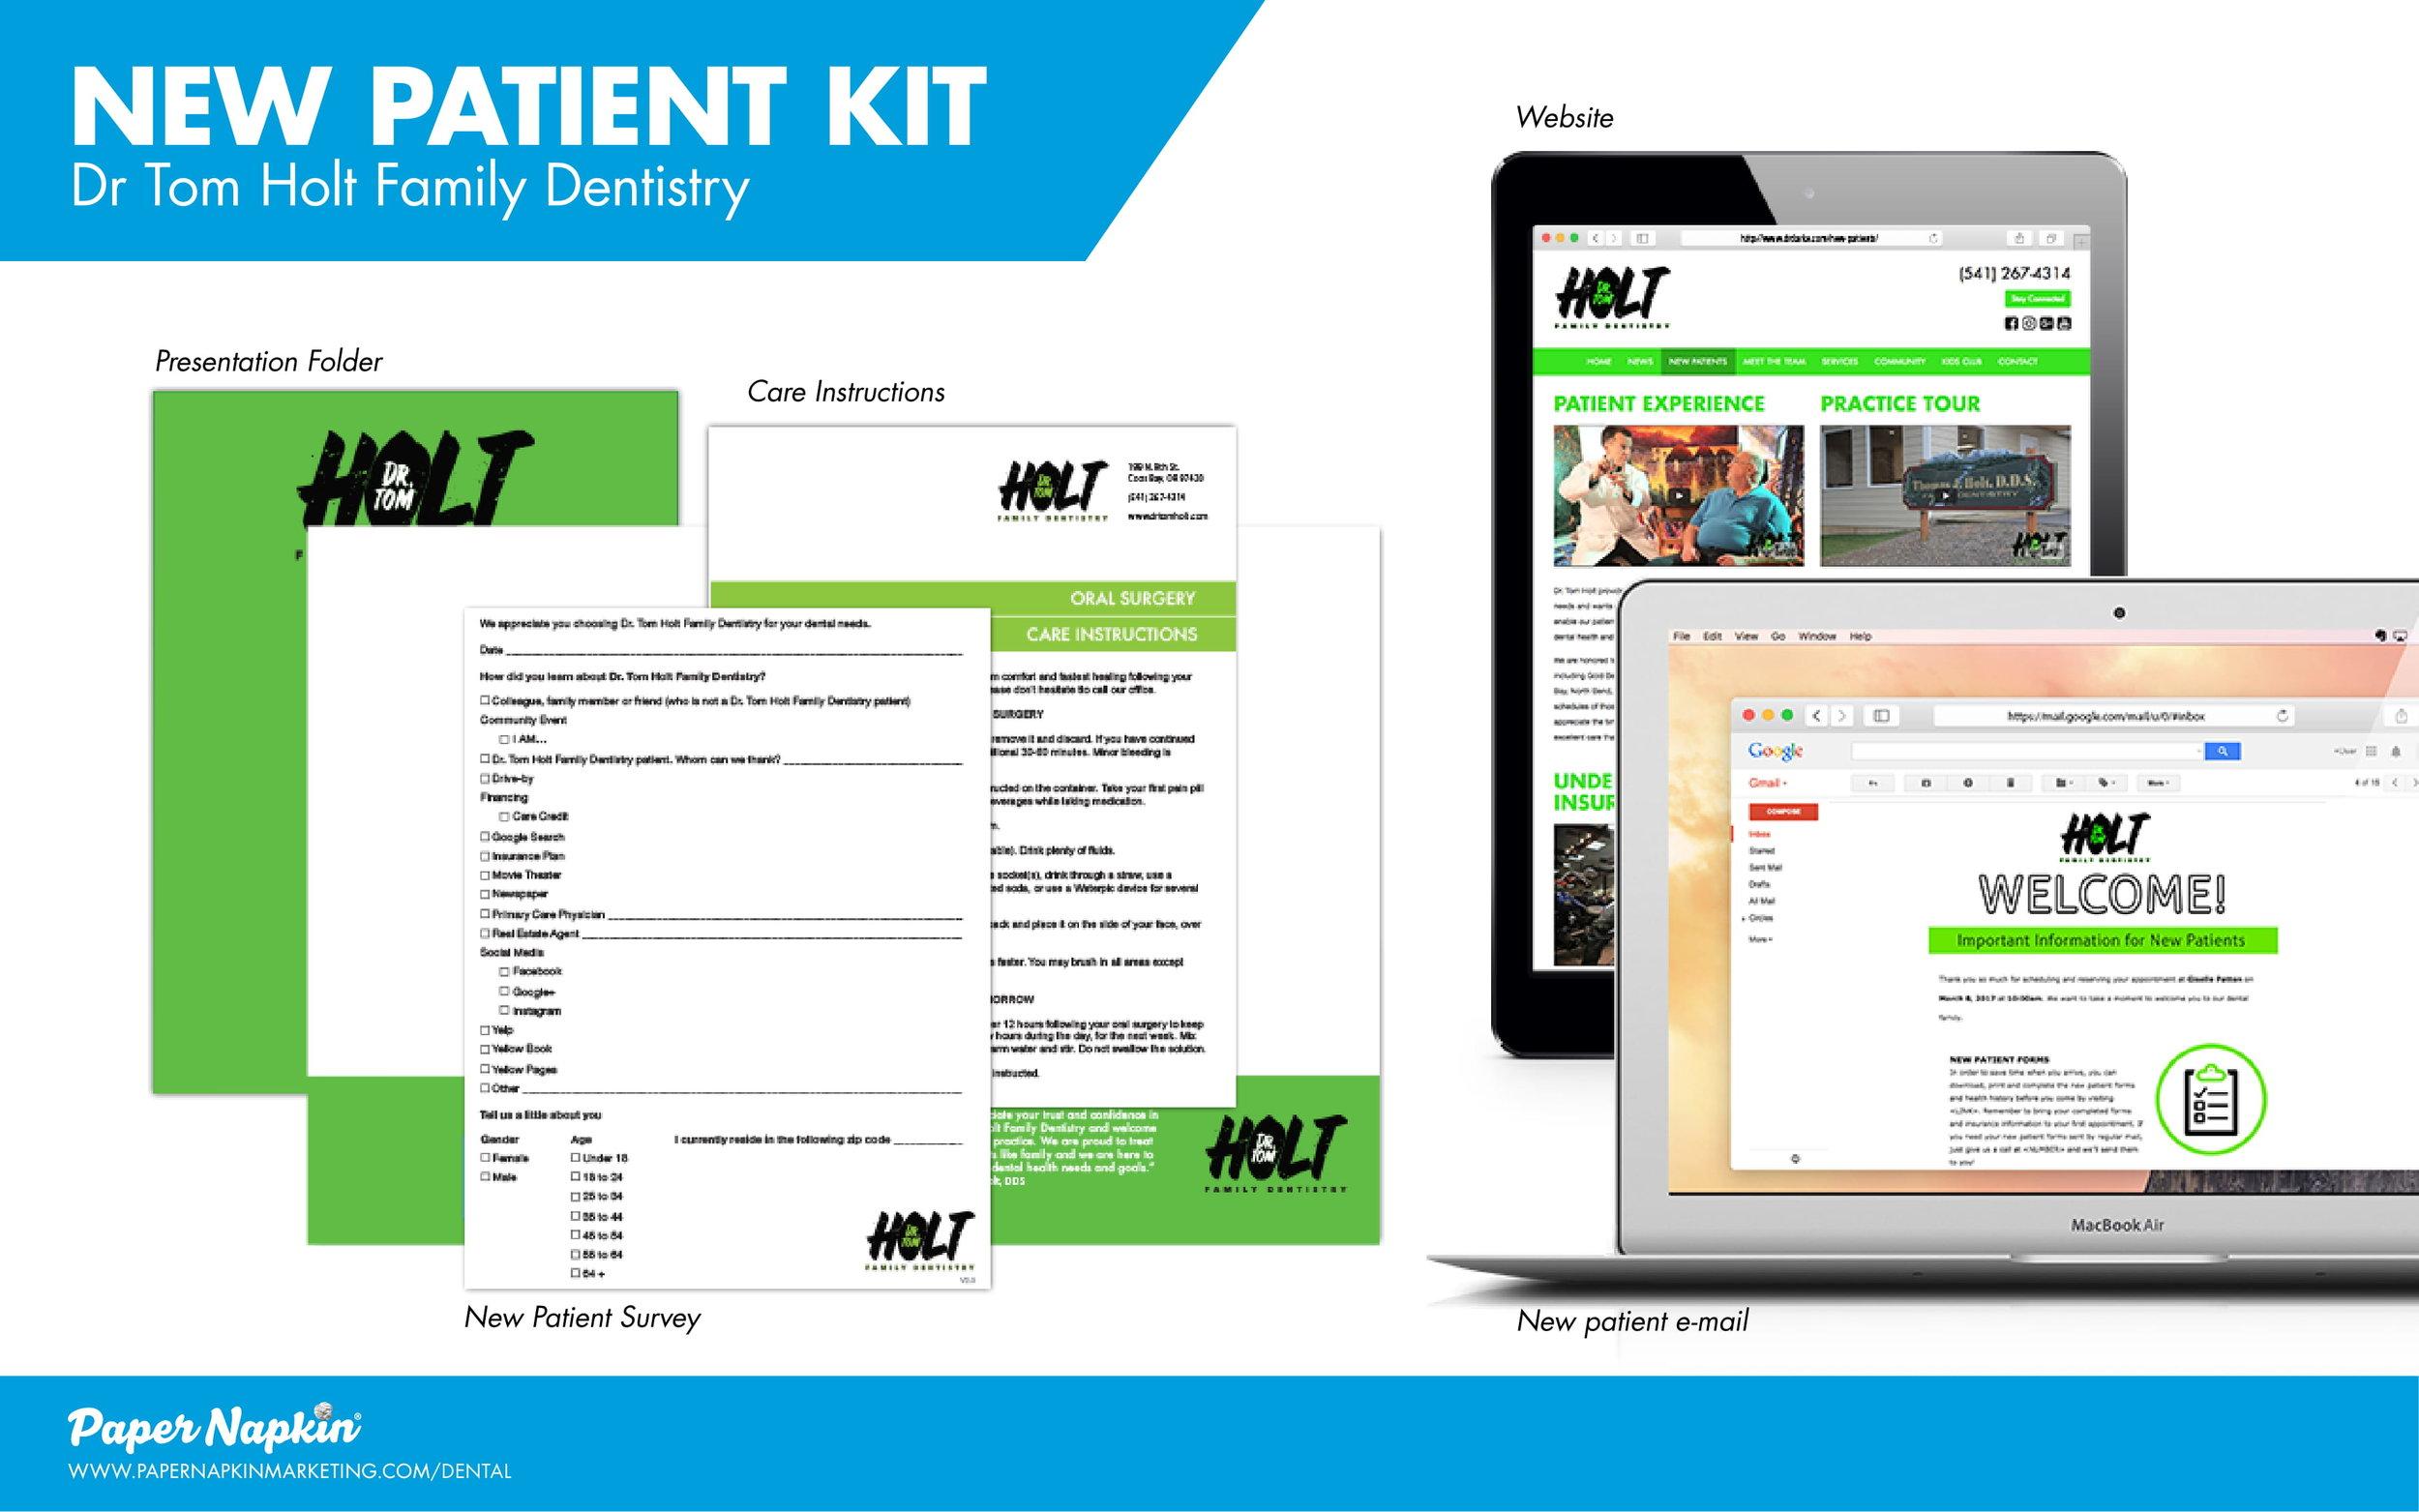 holt-newpatientkit-V1-03 08 17-1.jpg